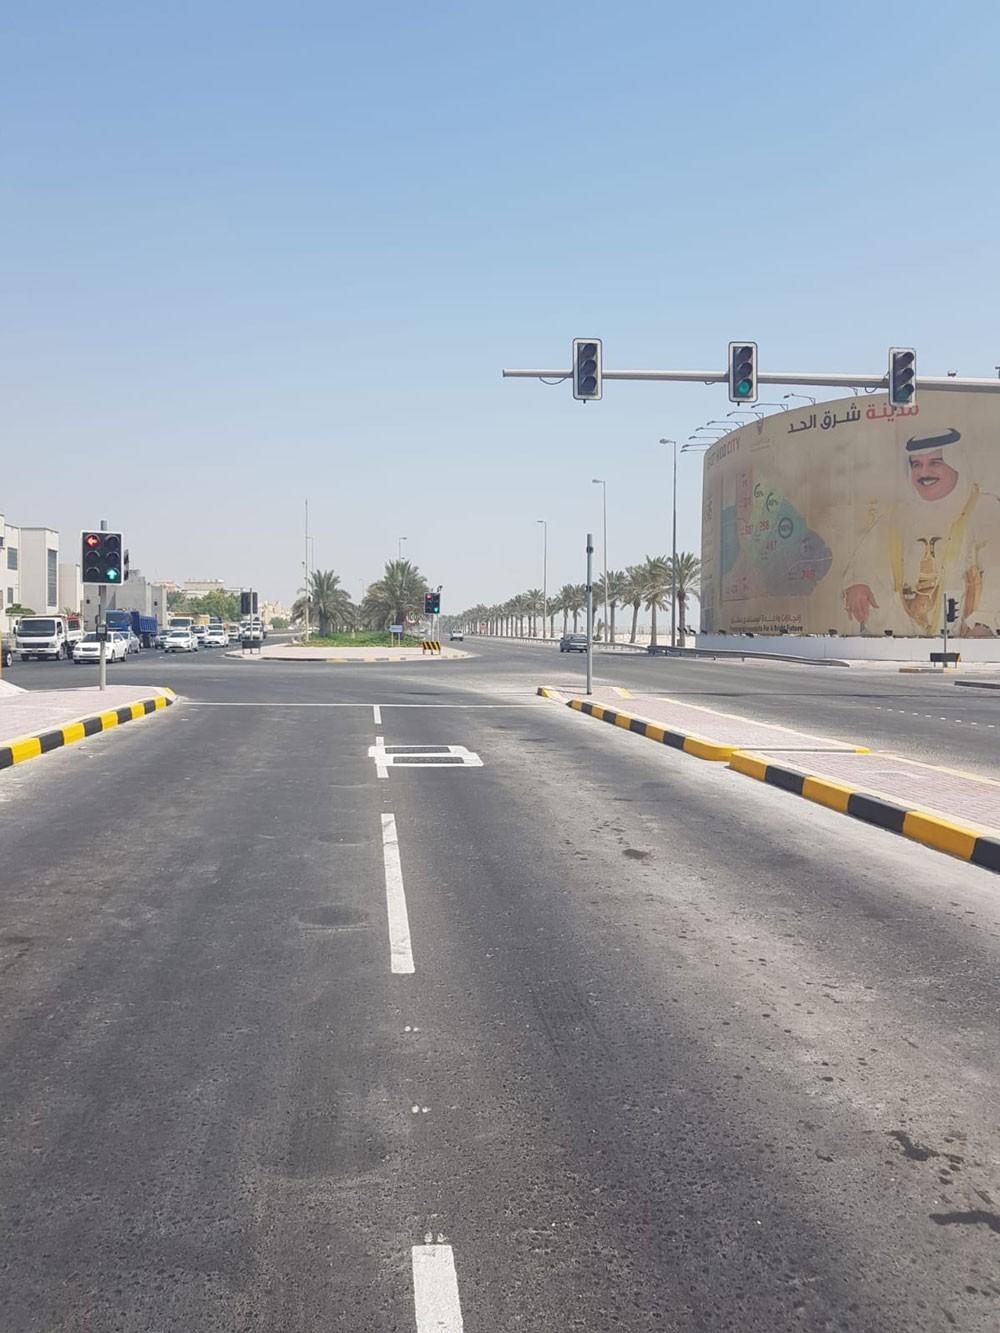 """""""الأشغال"""": الانتهاء من إضافة مسار للانعطاف يساراً عند تقاطع شارع الحوض الجاف مع شارع حاتم الطائي بالحد"""